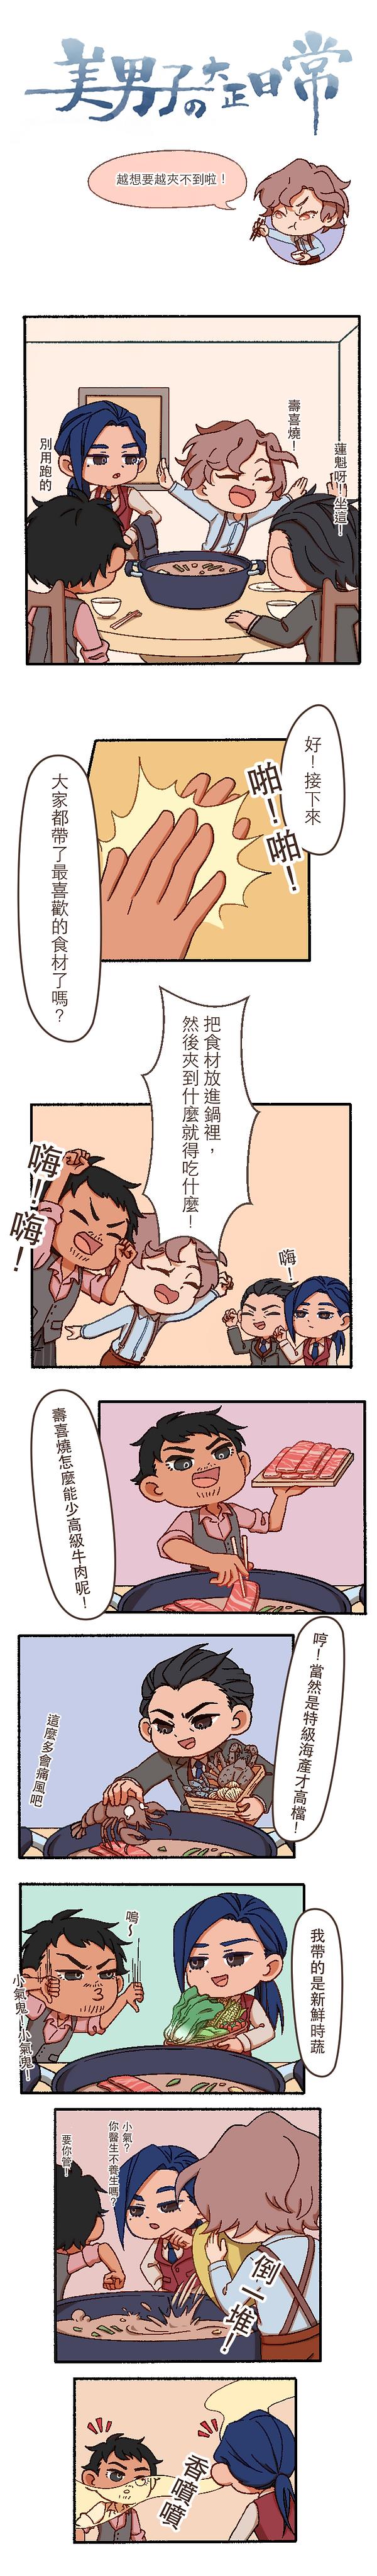 20壽喜燒-1.png